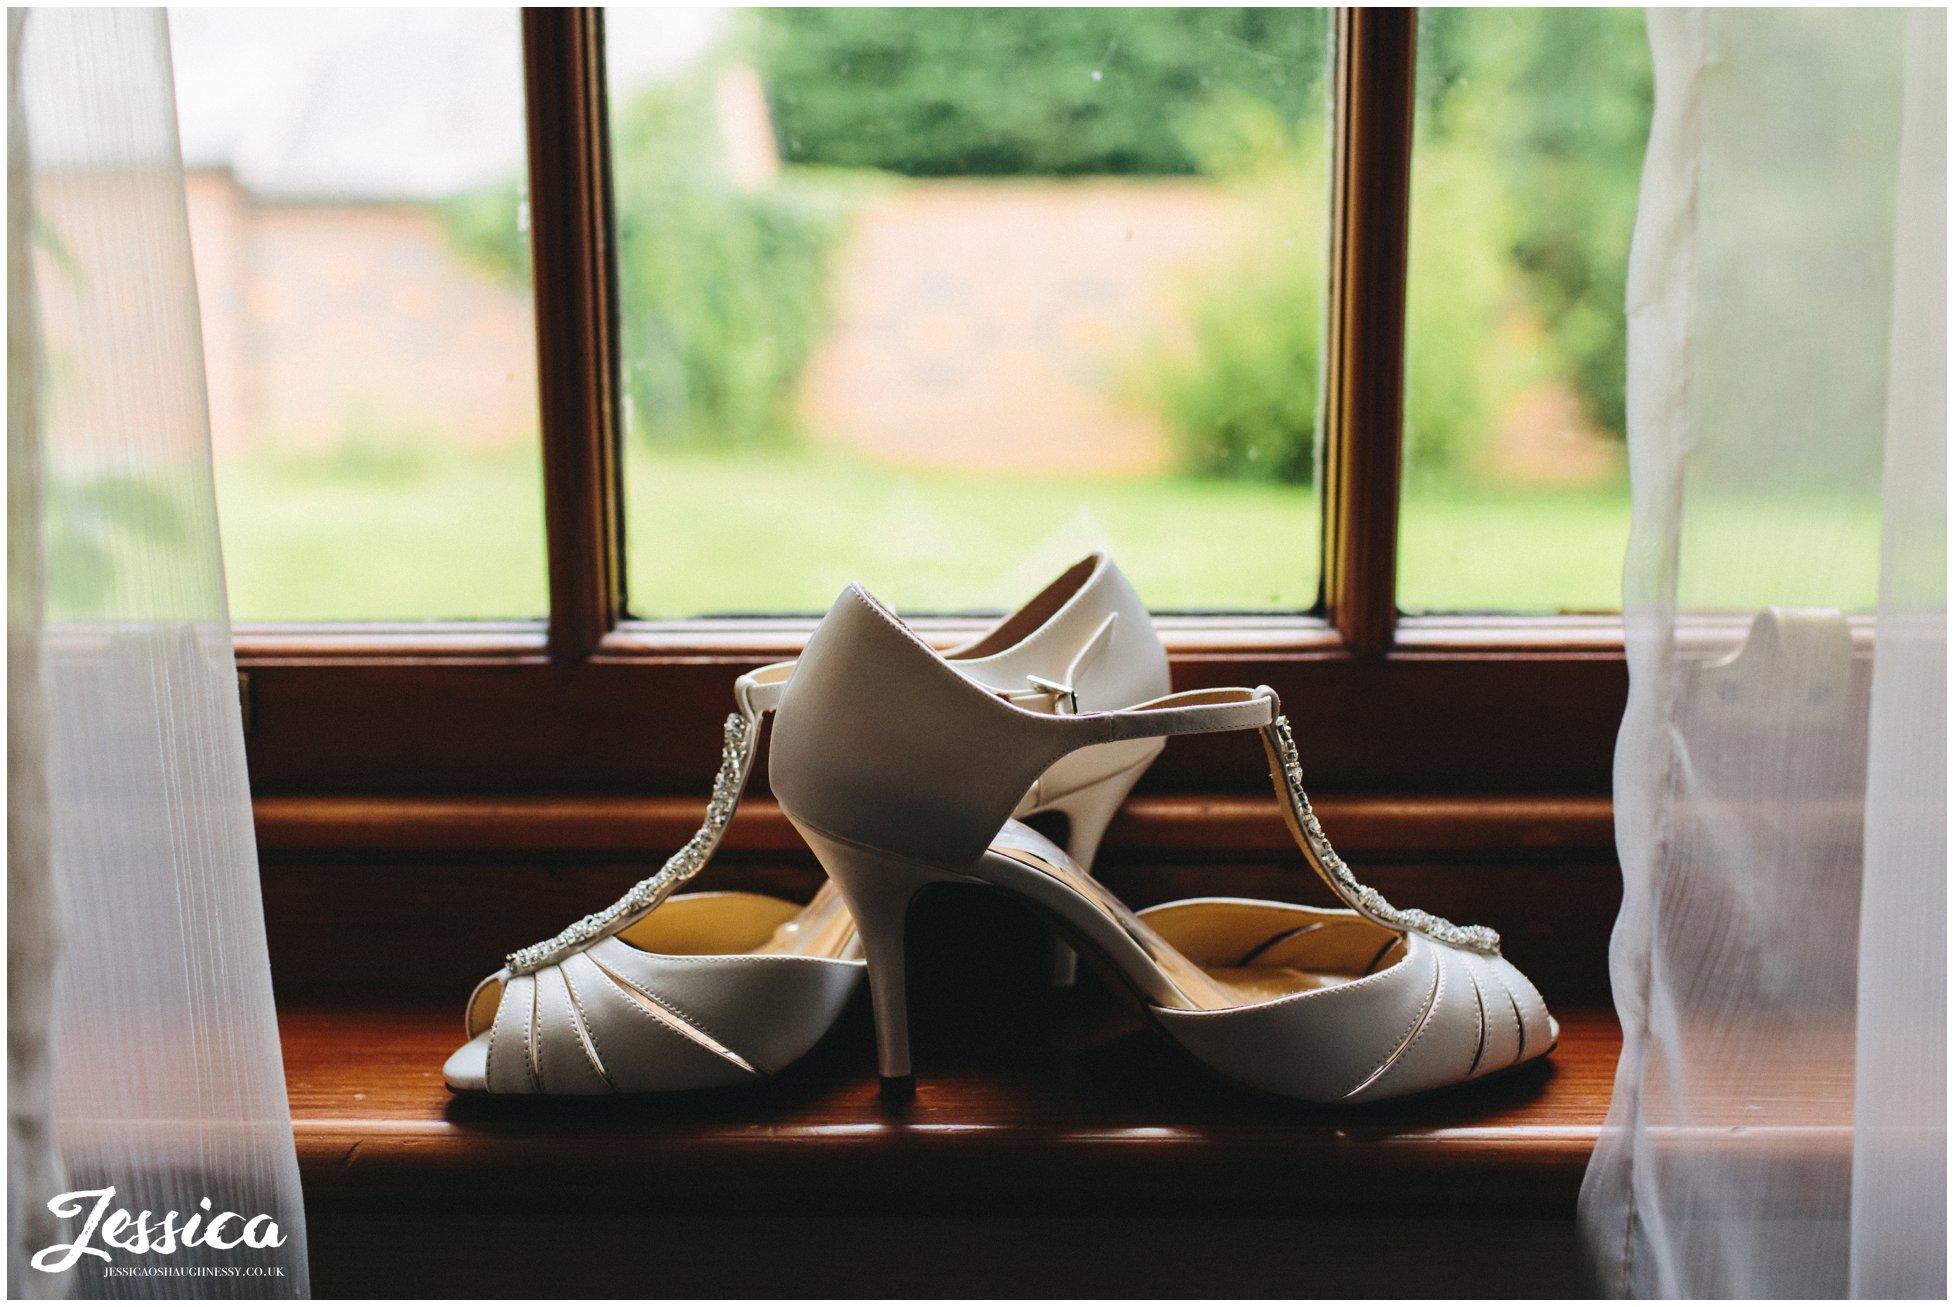 brides wedding shoes on windowsil